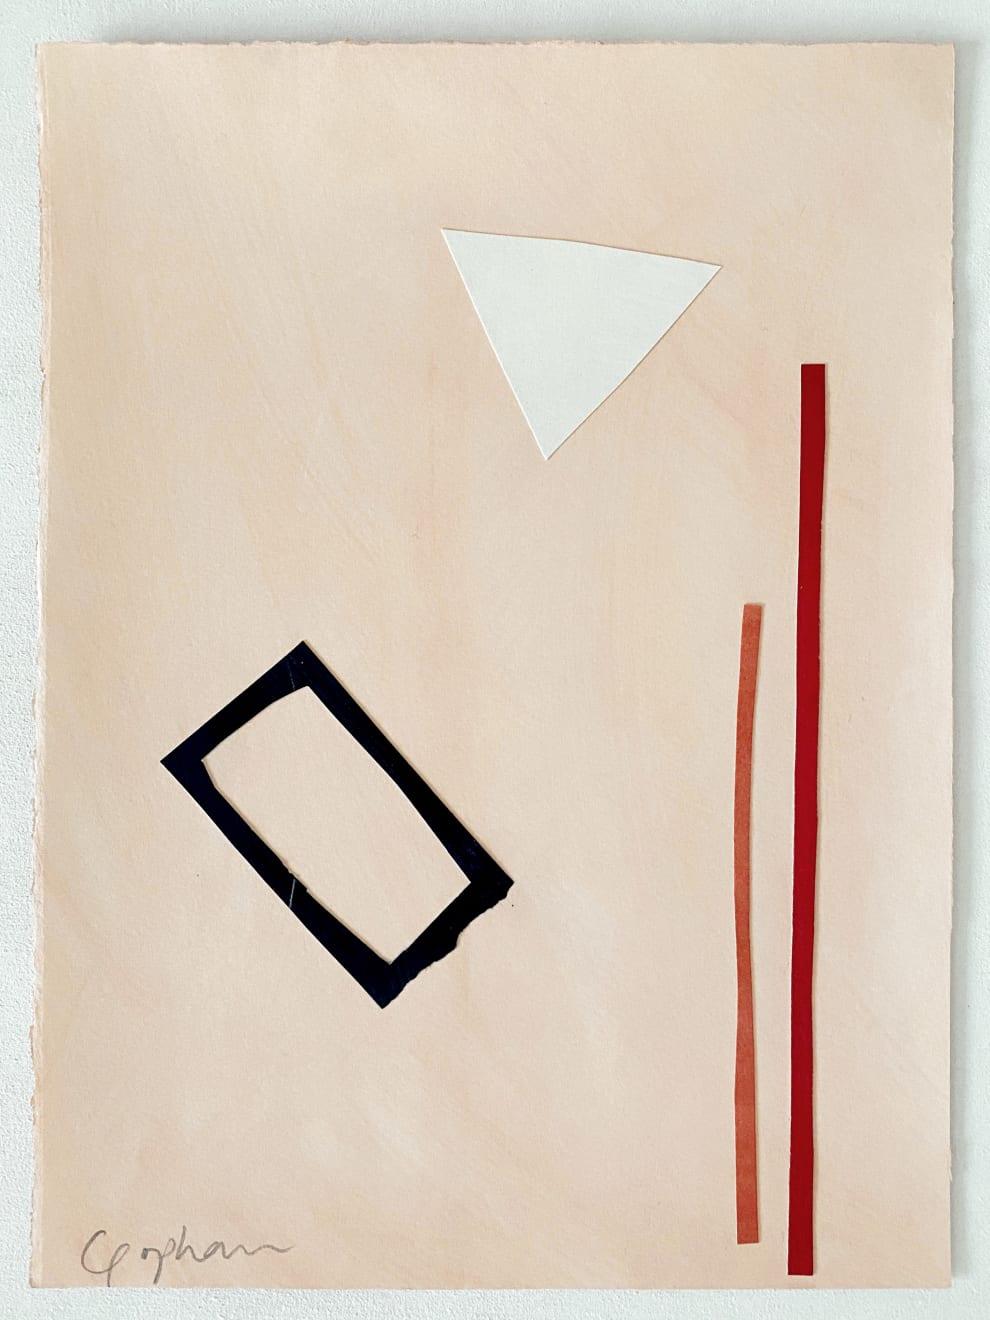 Caroline Popham, Untitled 20-23, 2020